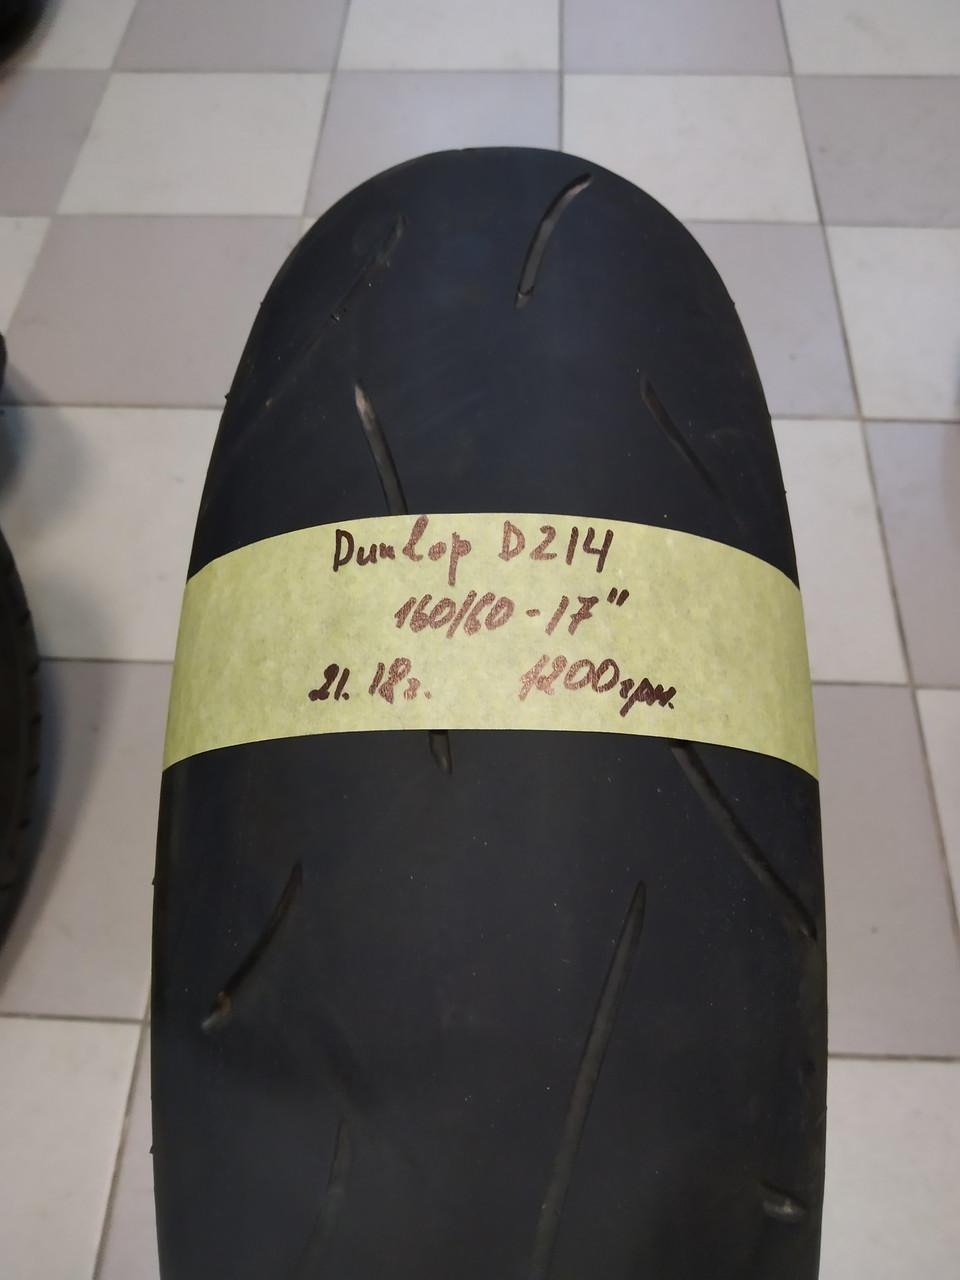 Dunlop D214 160 60 17 (21.18) мото резина шина колесо резина покрышка